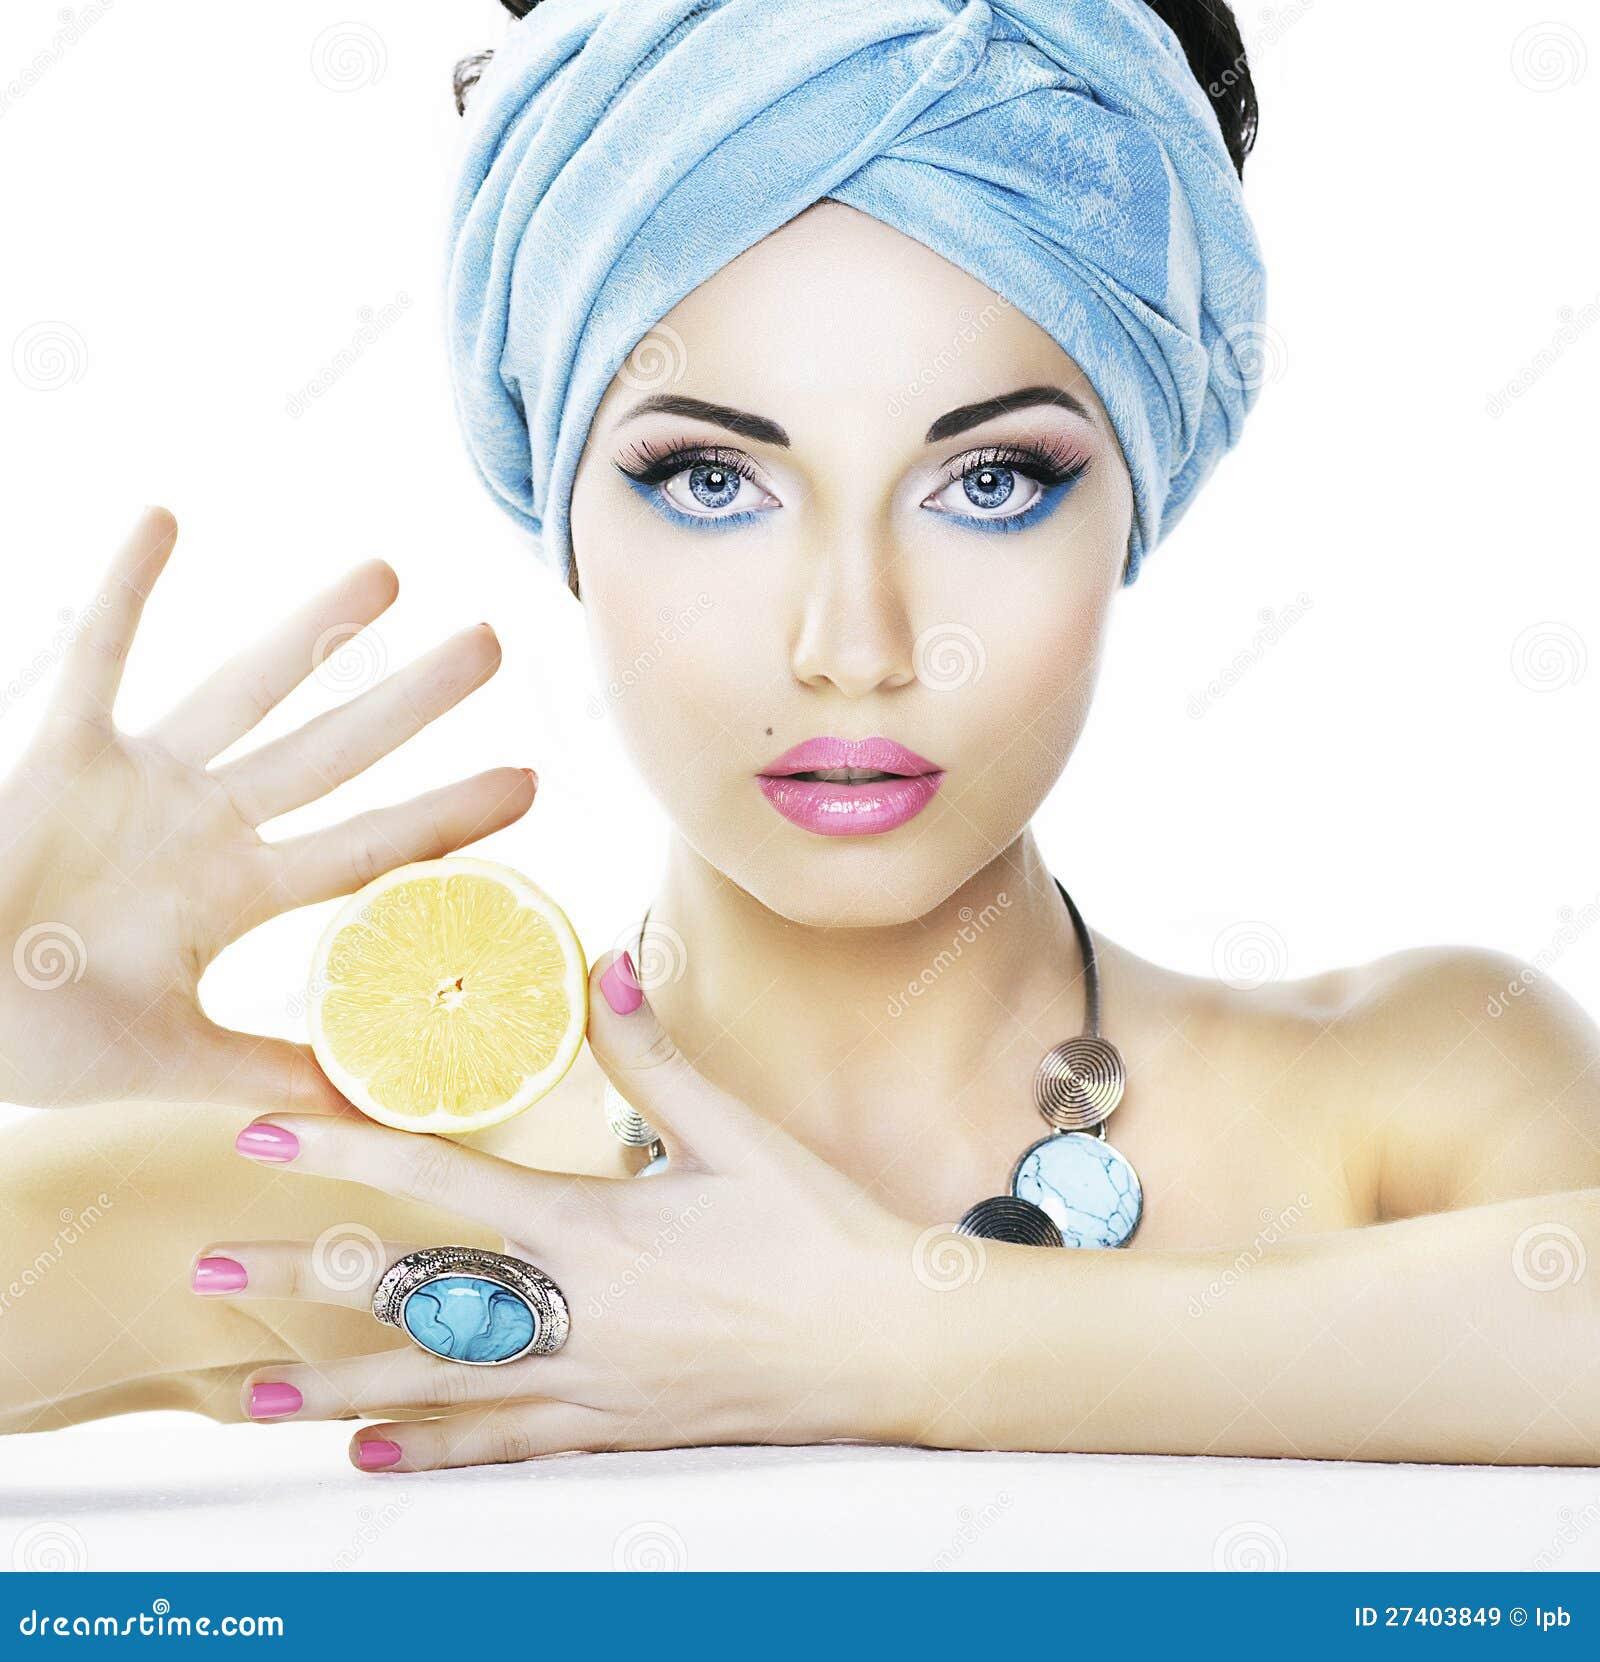 Διατροφή. Γυναίκα ομορφιάς, λεμόνι - heailh προσοχή